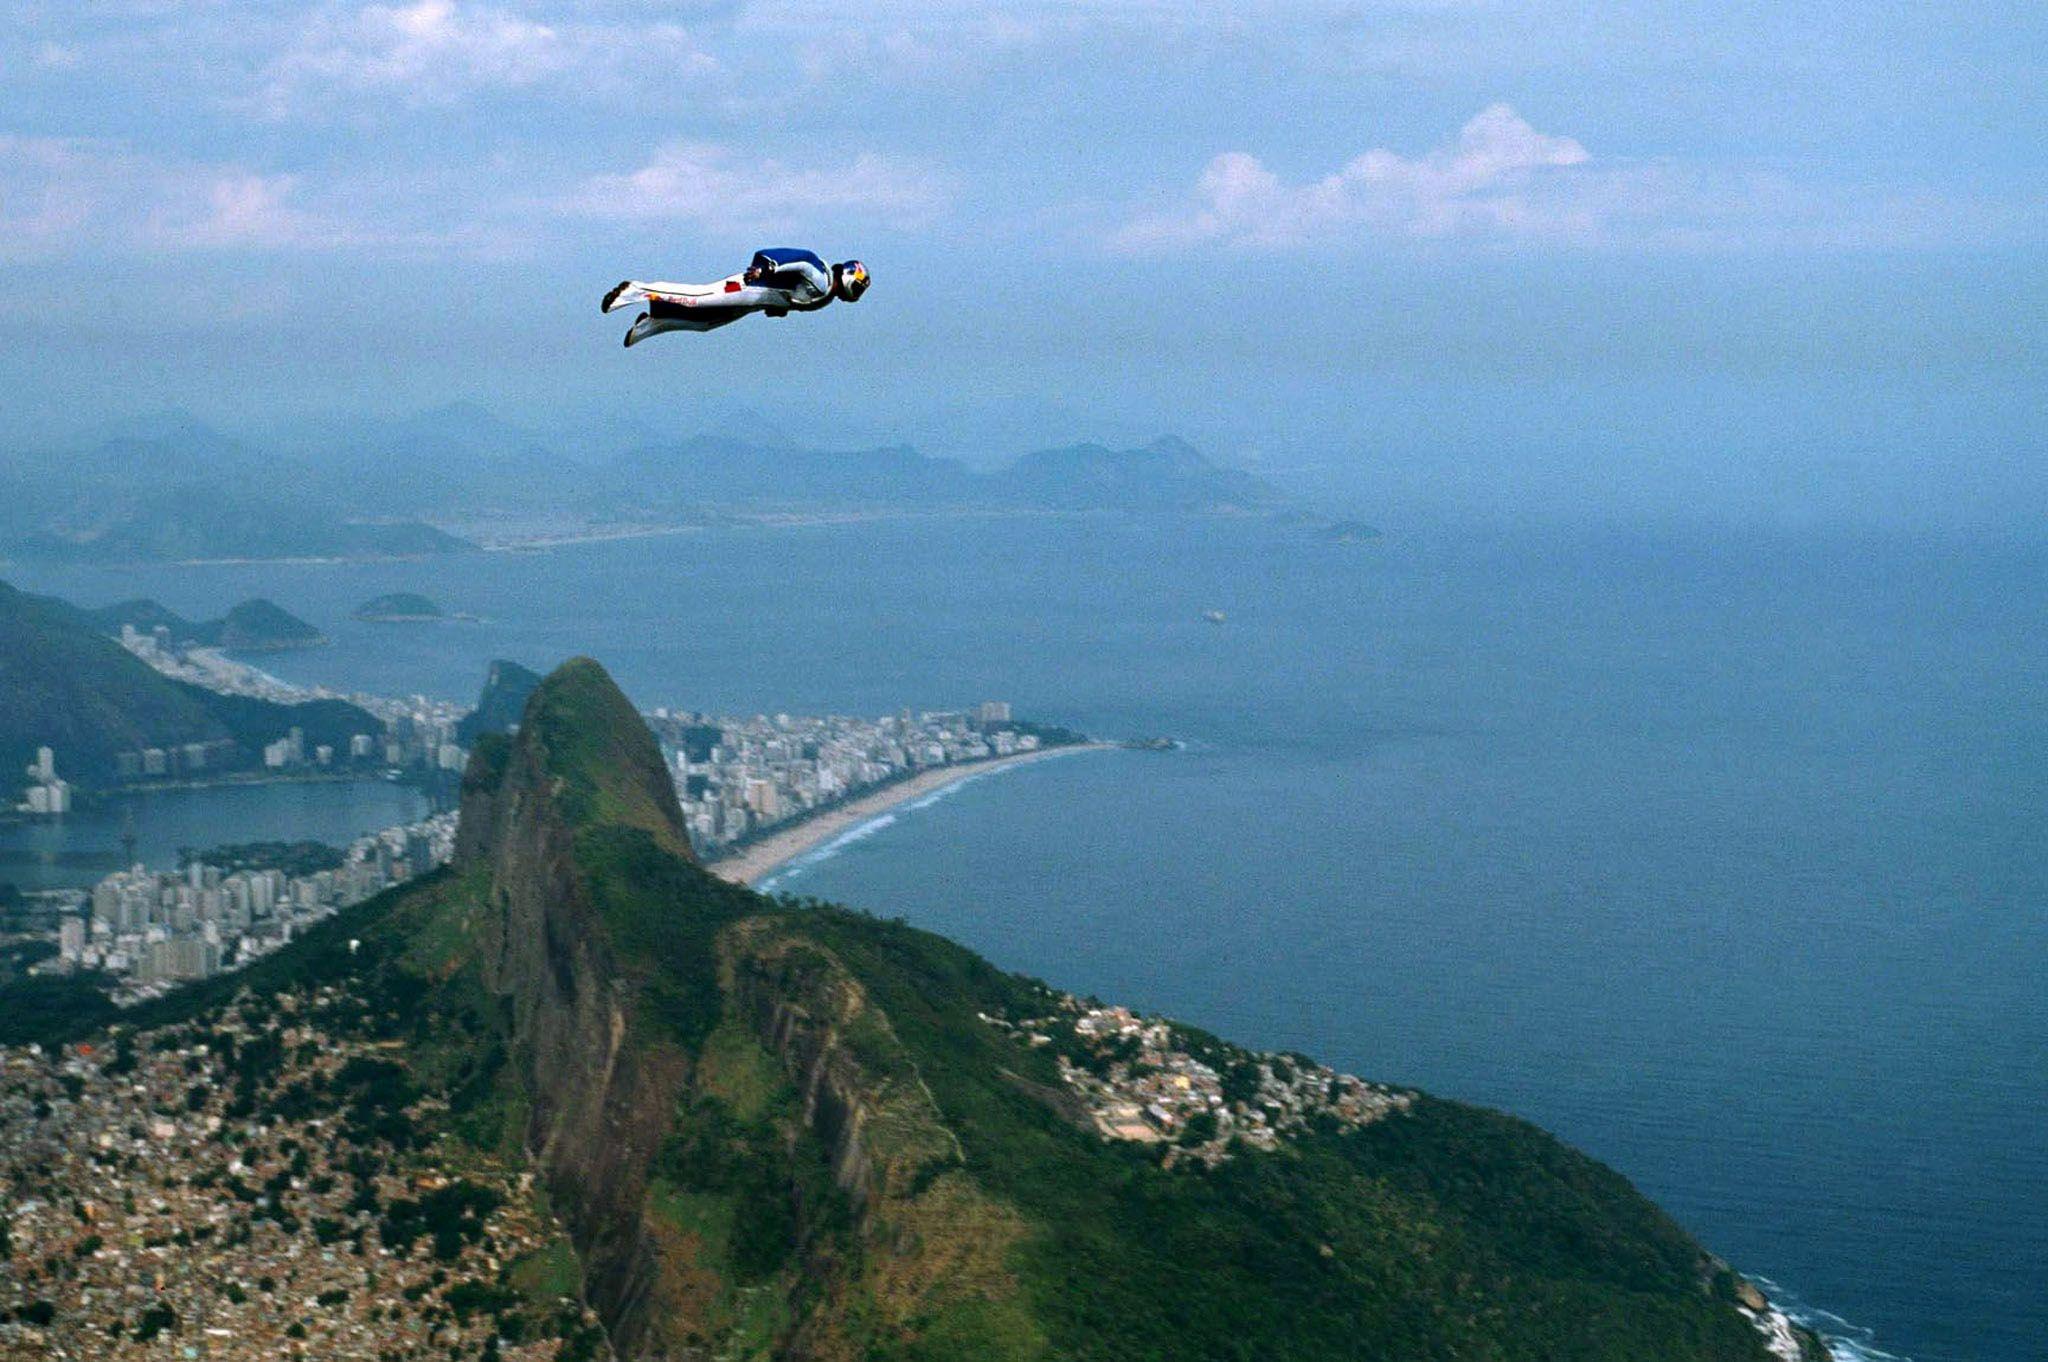 L'Autrichien Felix Baumgartner saute en parachute pour devenir le premier homme à franchir le mur du son en chute libre.